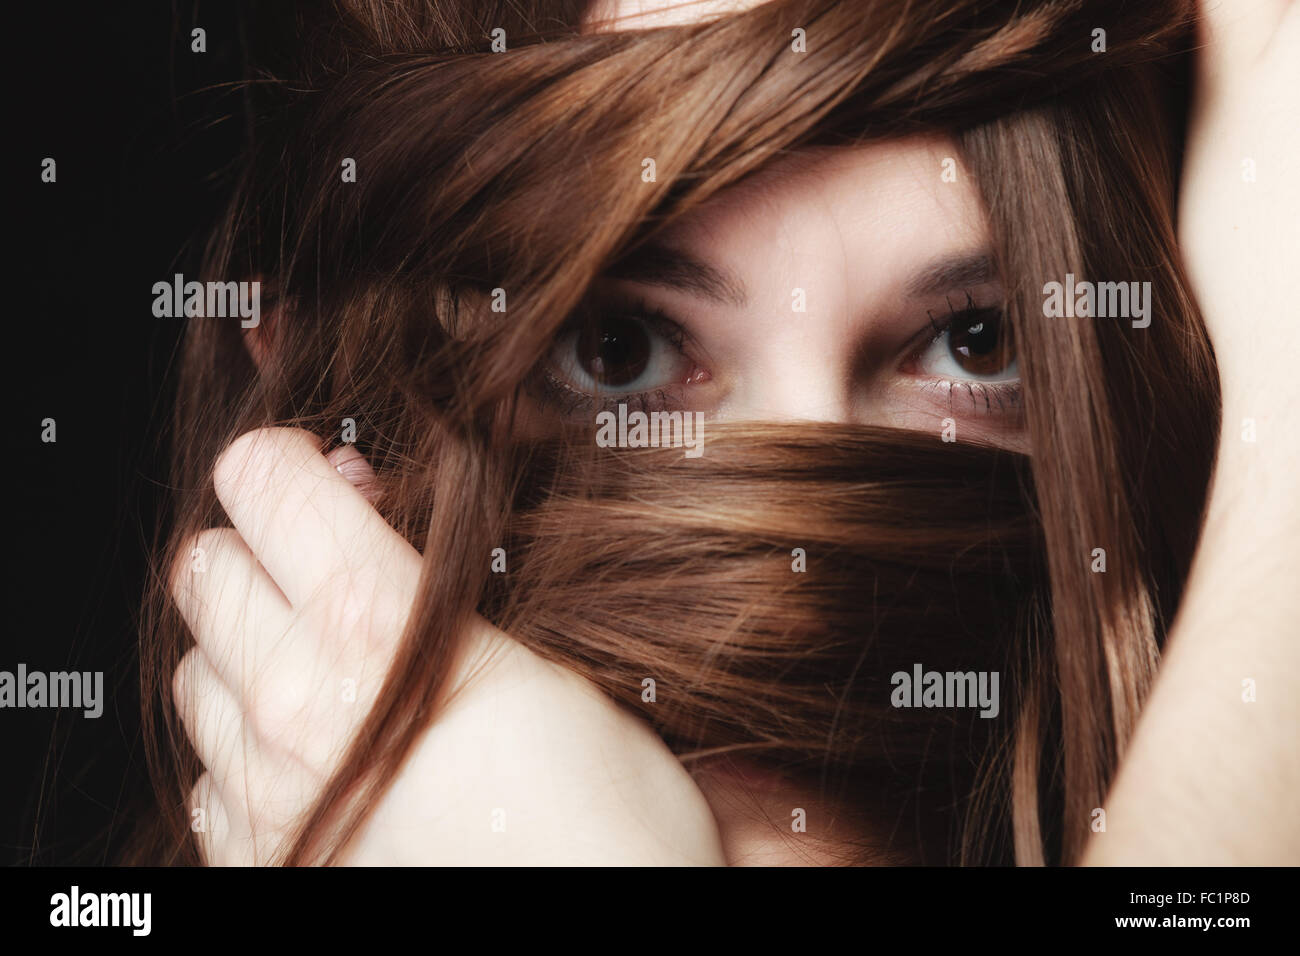 Frau bedeckt das Gesicht mit langen braunen Haaren Stockfoto